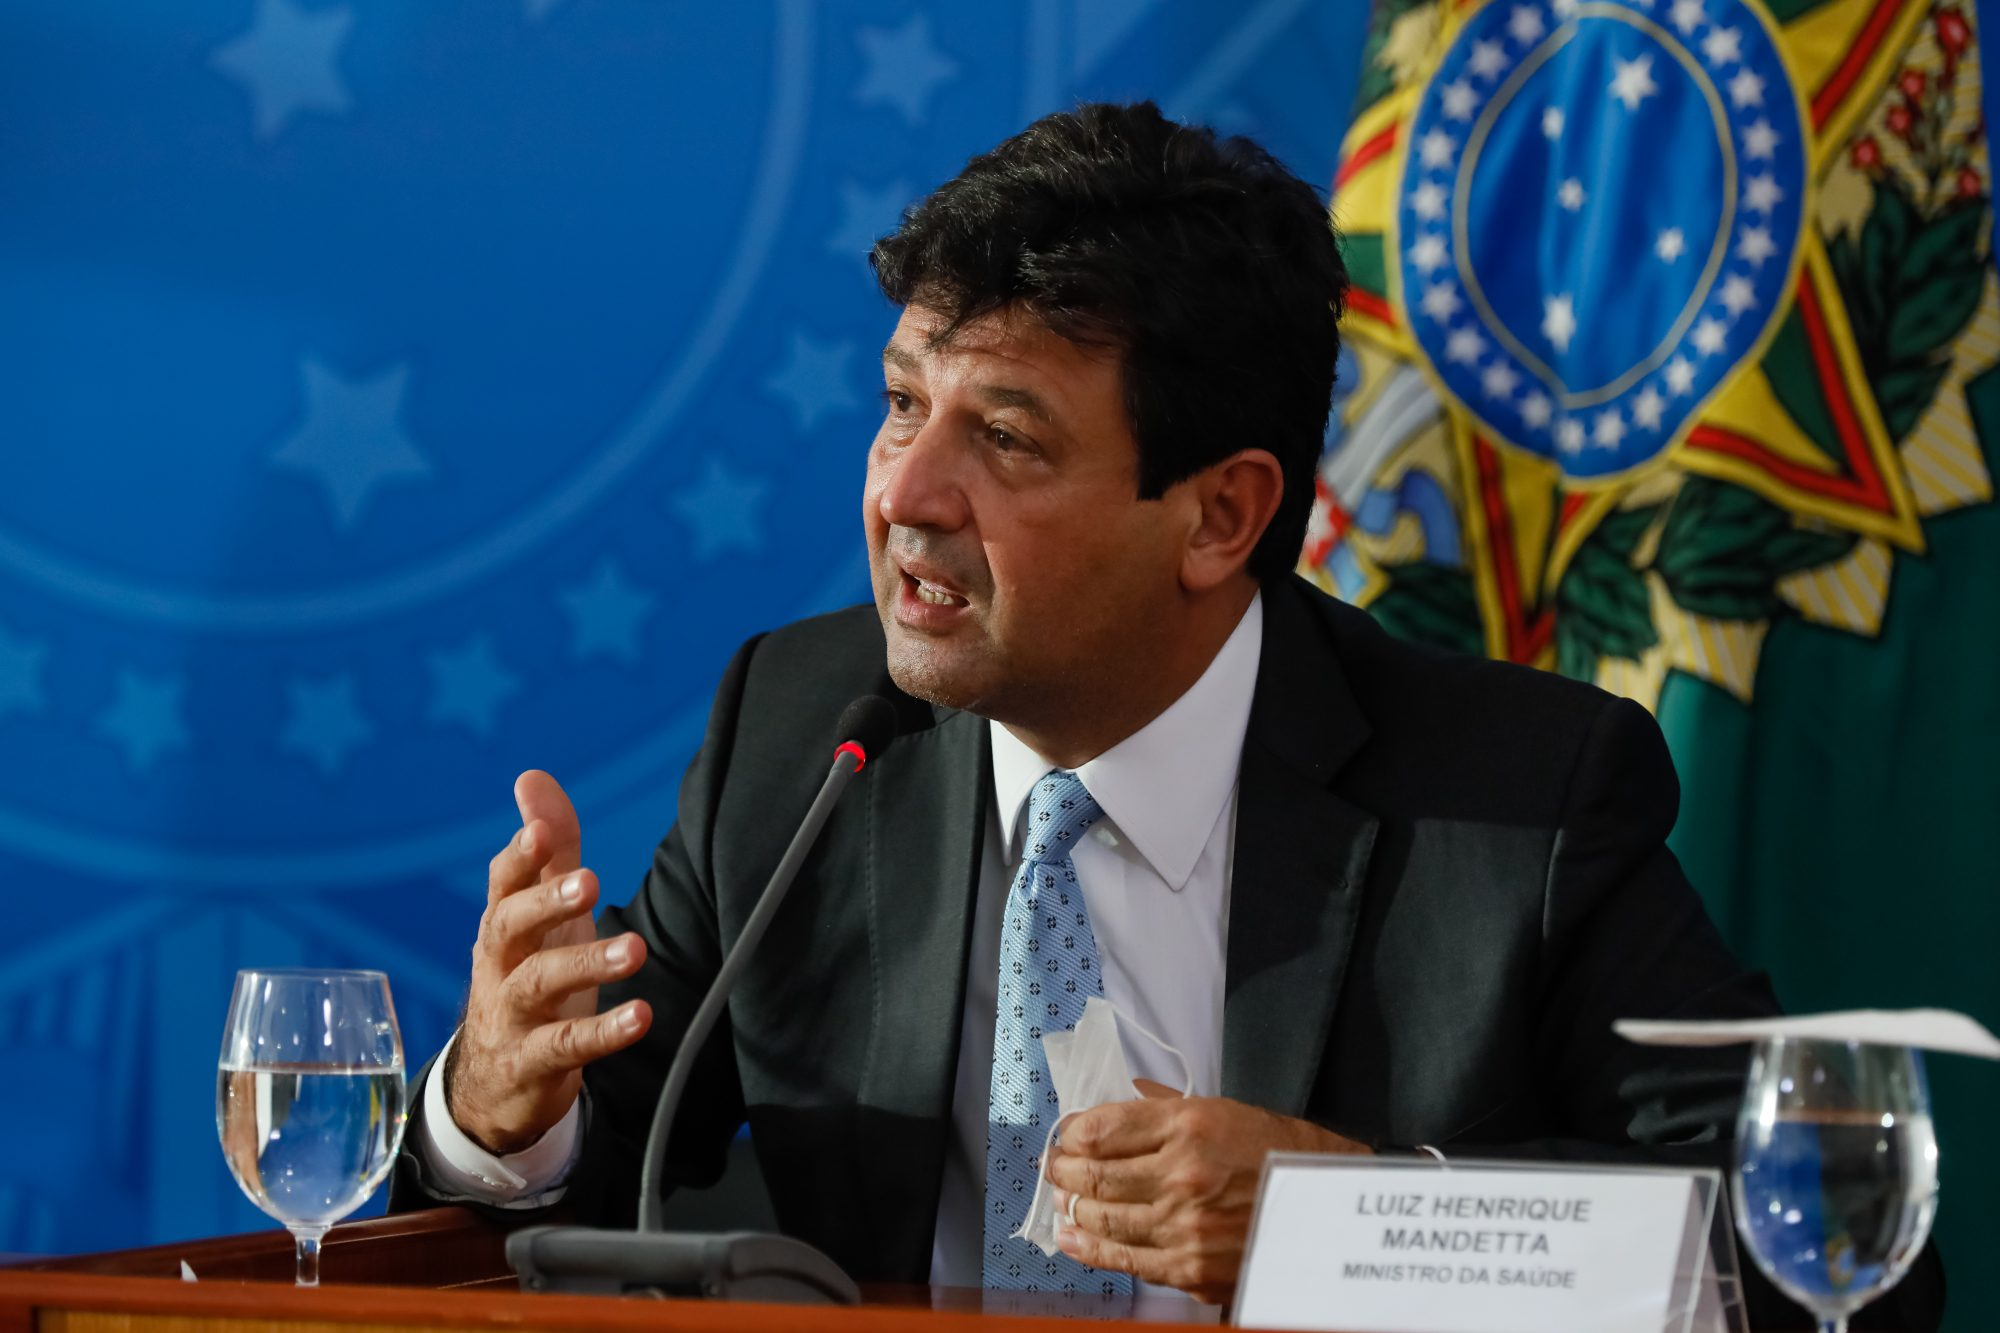 IMAGEM: As frases da semana em que Mandetta pediu para o Brasil não fraquejar